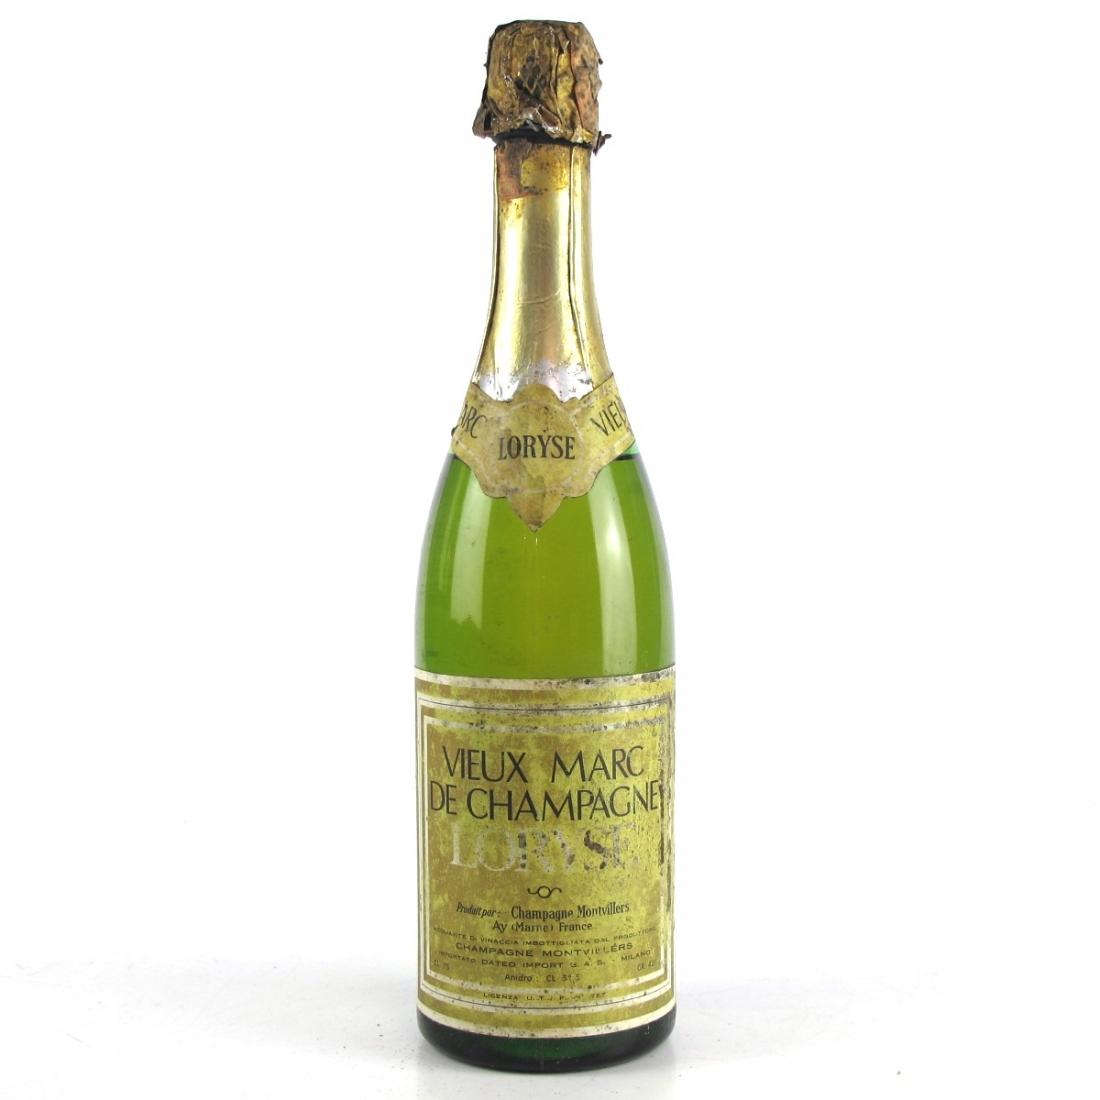 Loryse Vieux Marc de Champagne